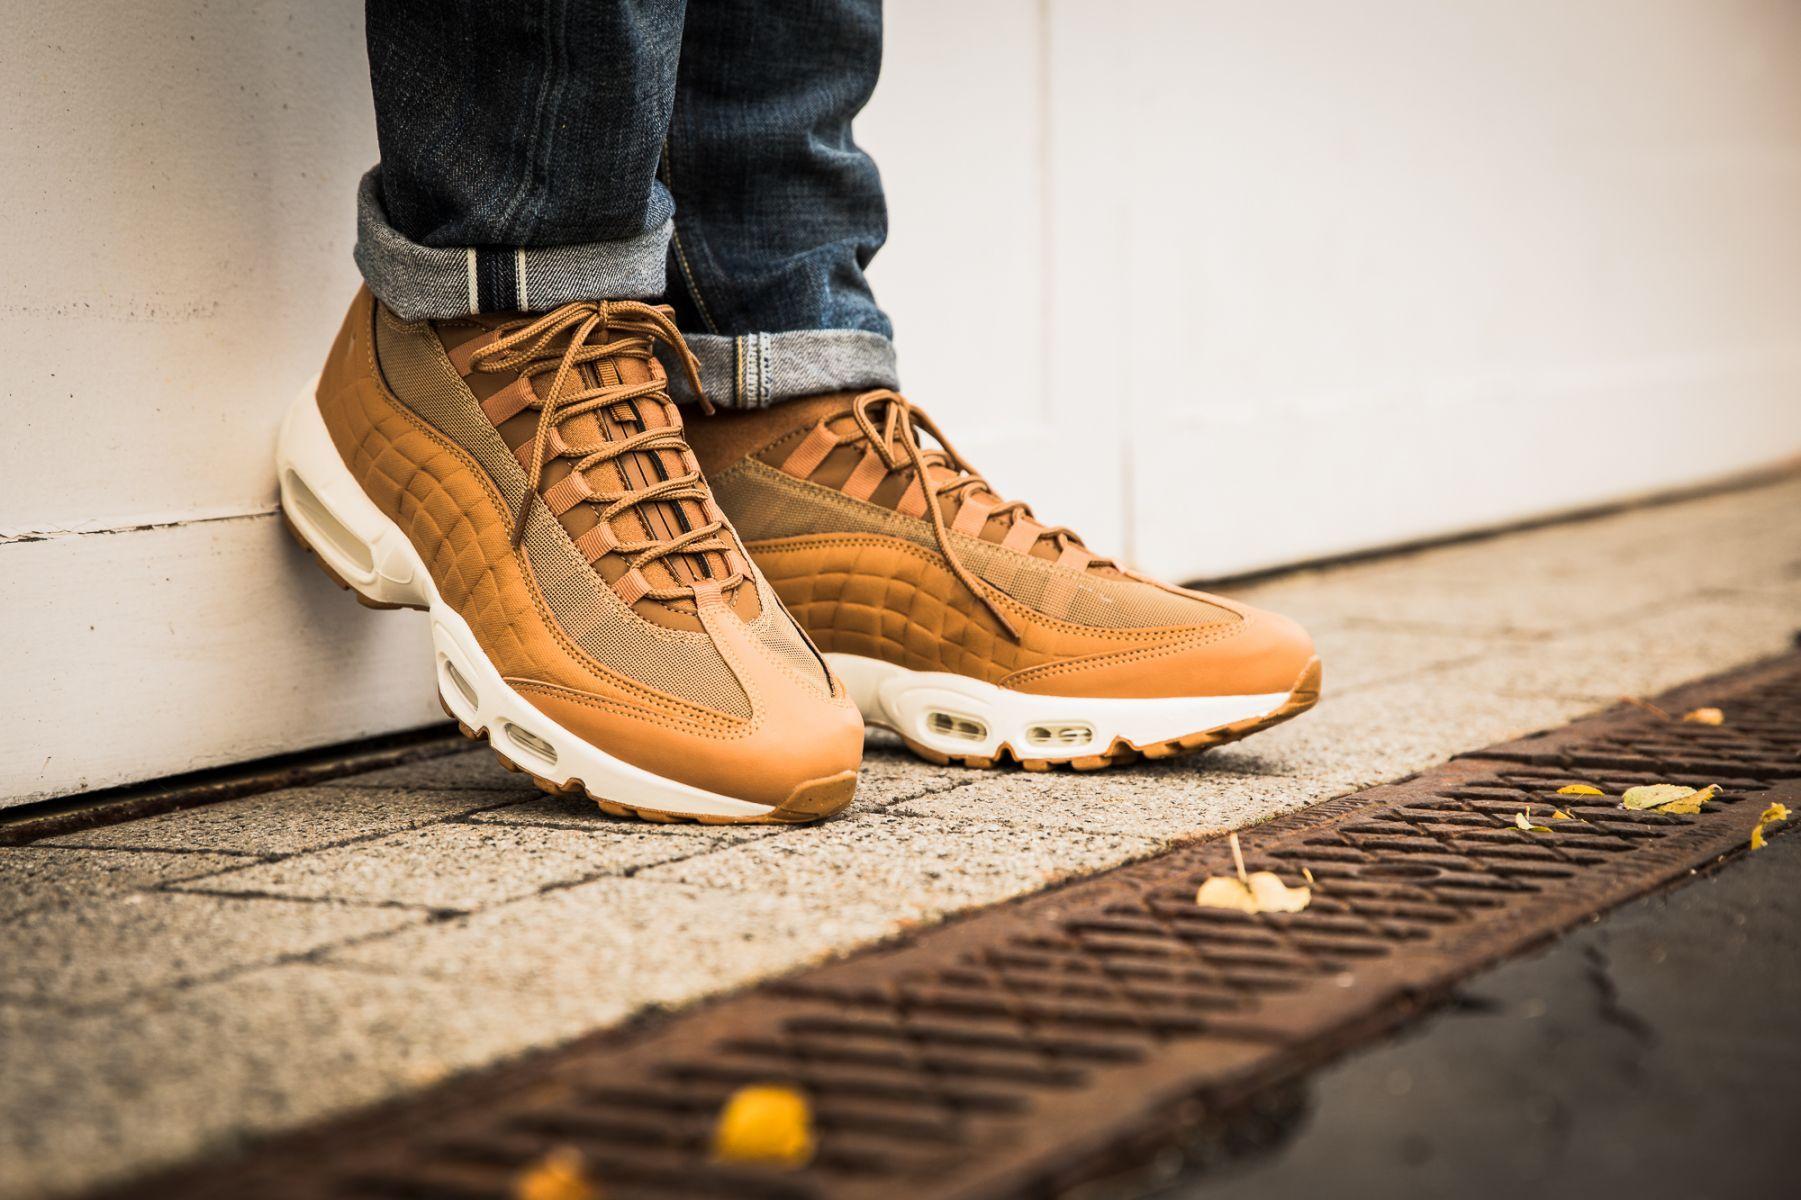 Herren Lässige Schuhe Herren Nike Air Max 95 Dunkel Grau